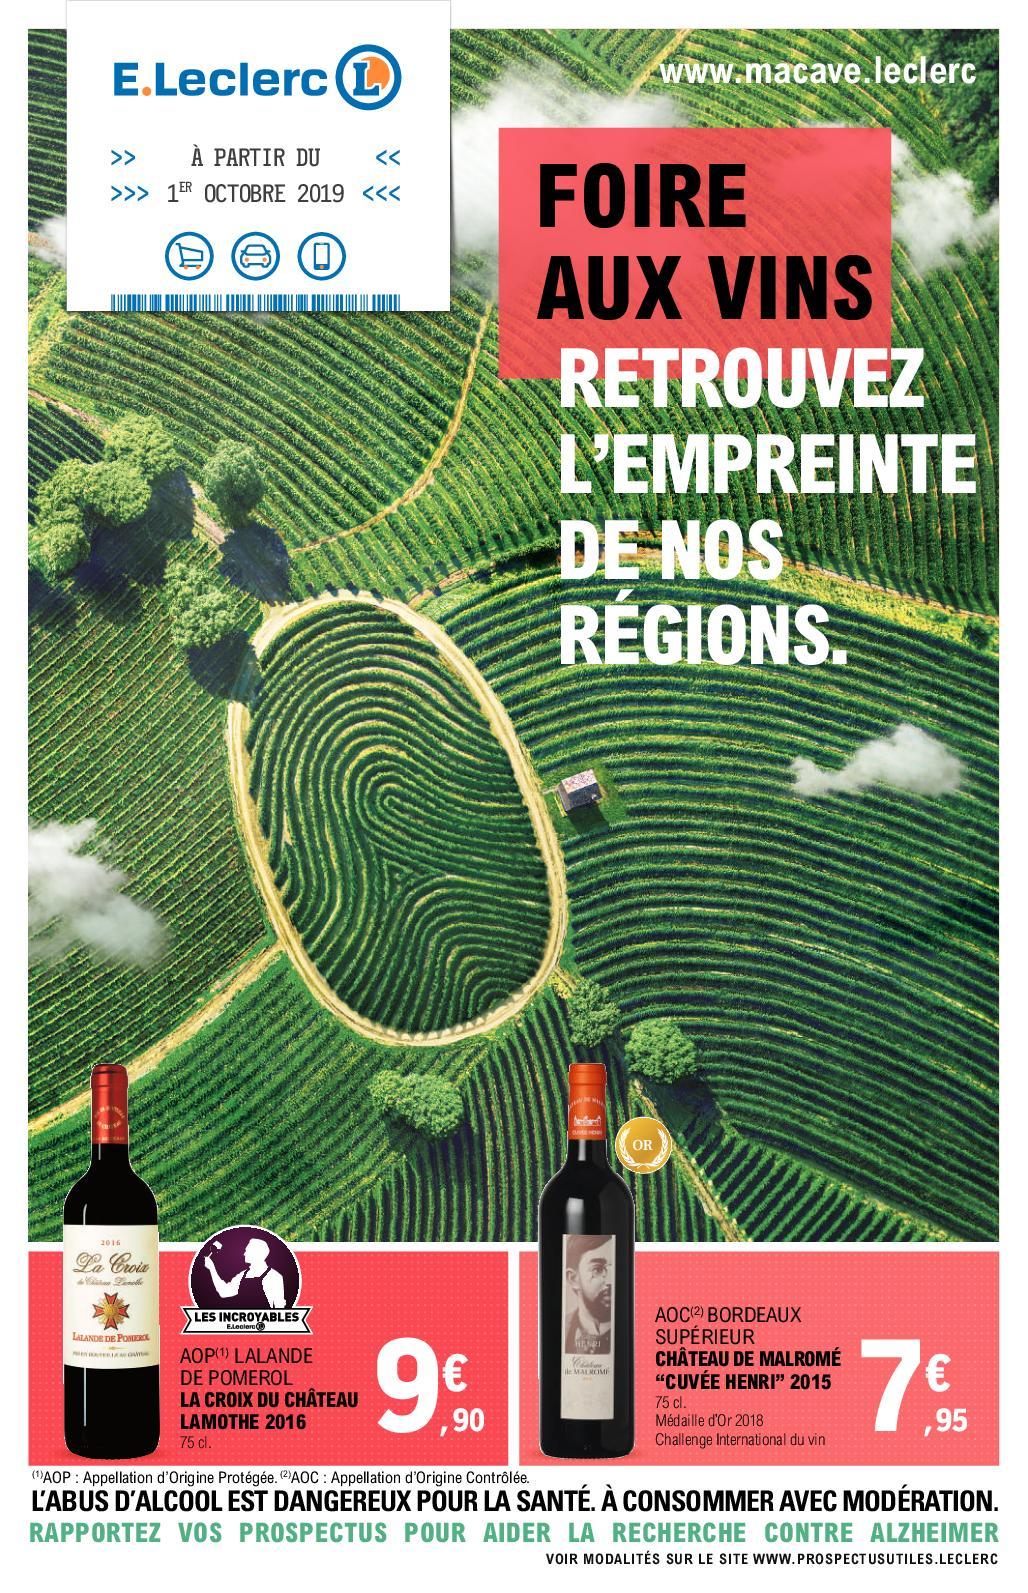 catalogue foire aux vins